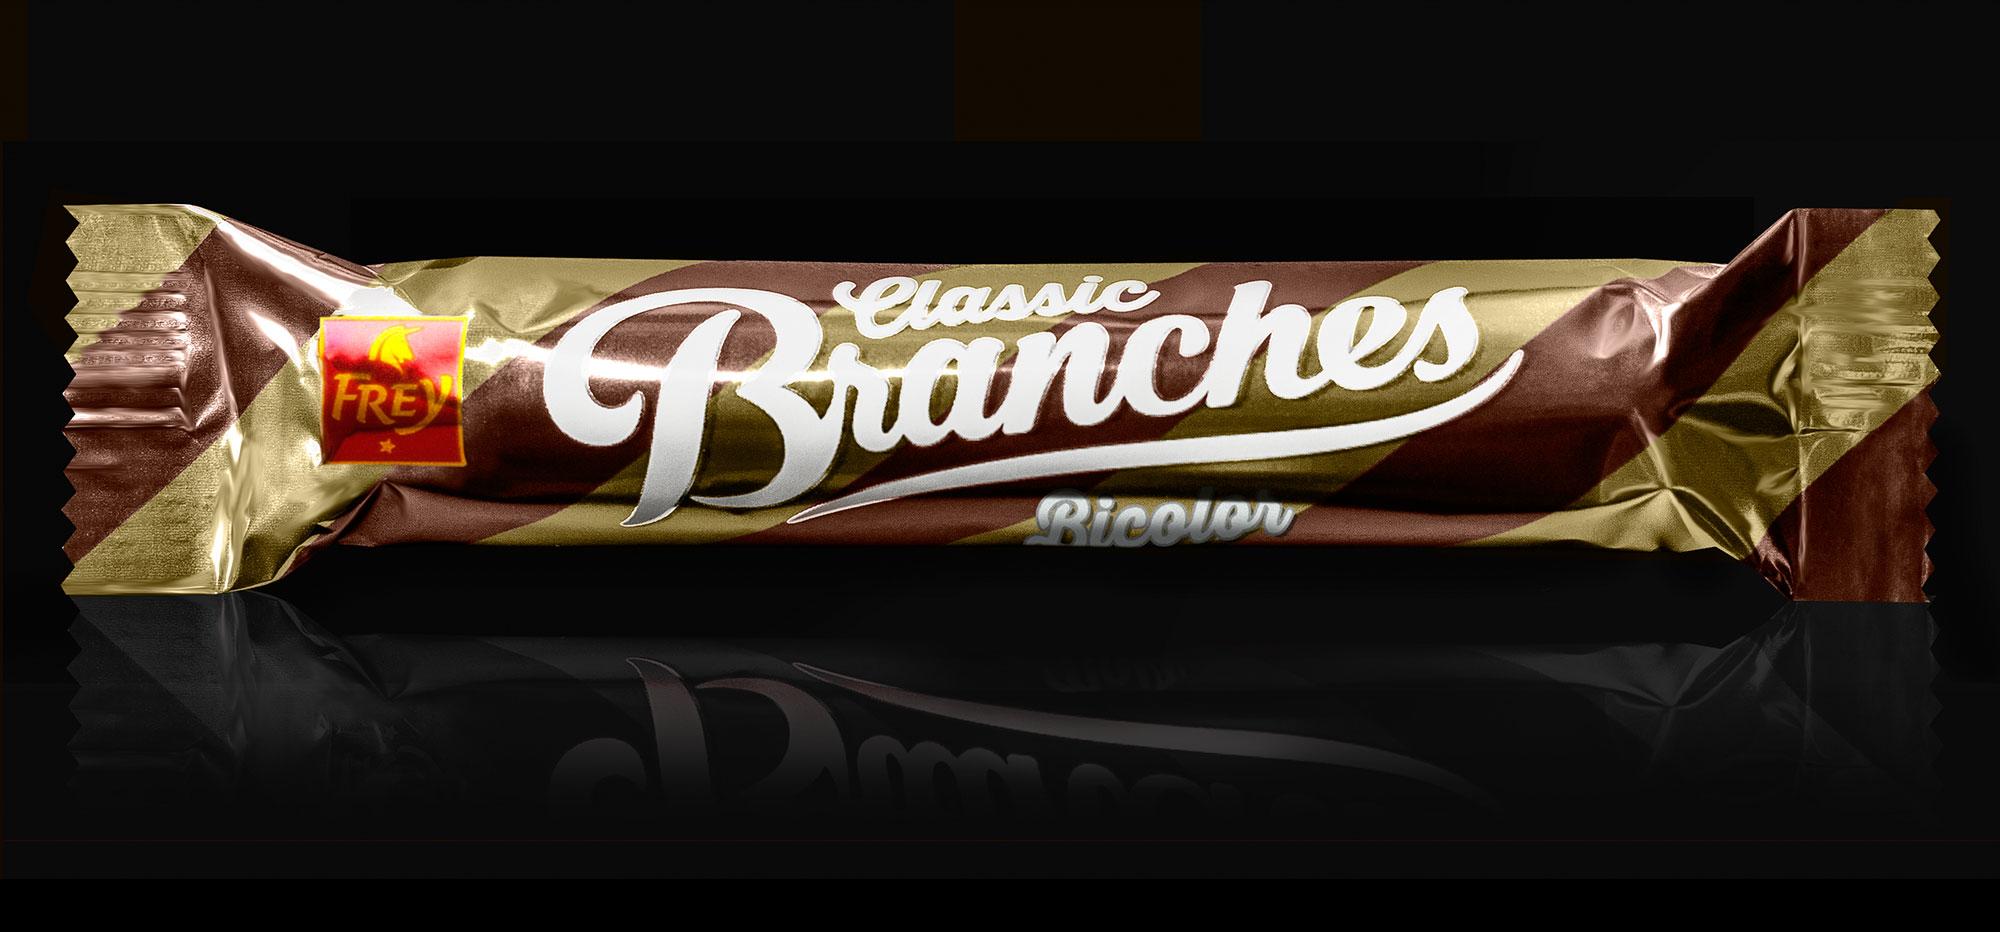 Gallery_Chocolat_Frey_Branches_Design_Marken_14